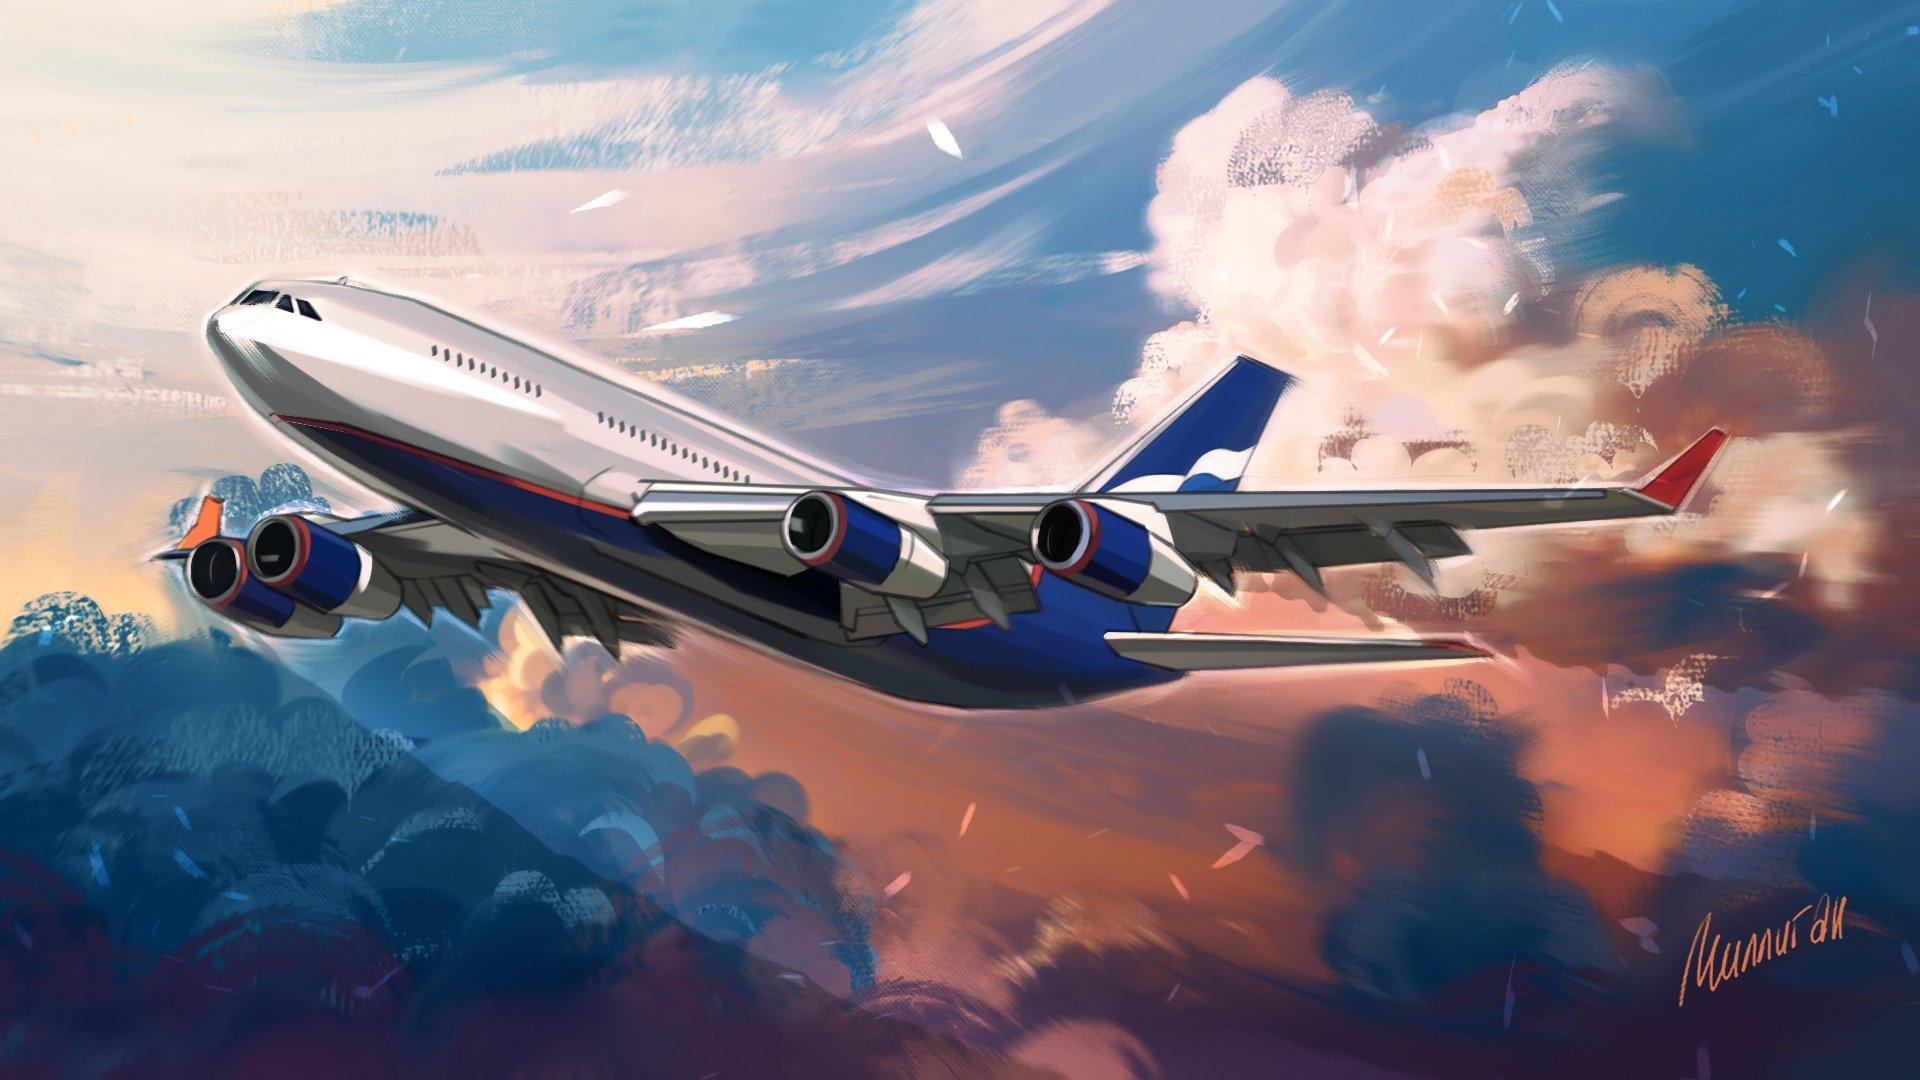 Сборка опытного образца Ил-96-400М идет полным ходом